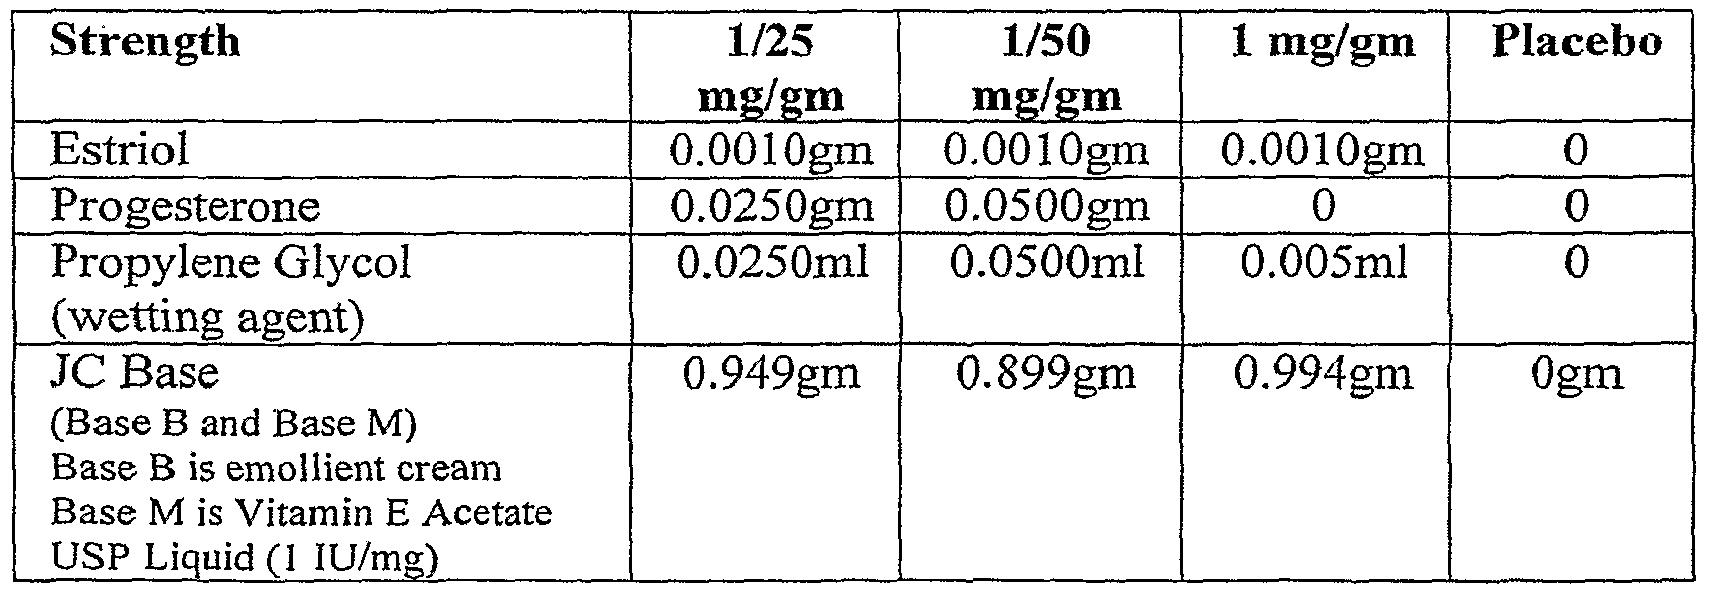 compare nexium protonix